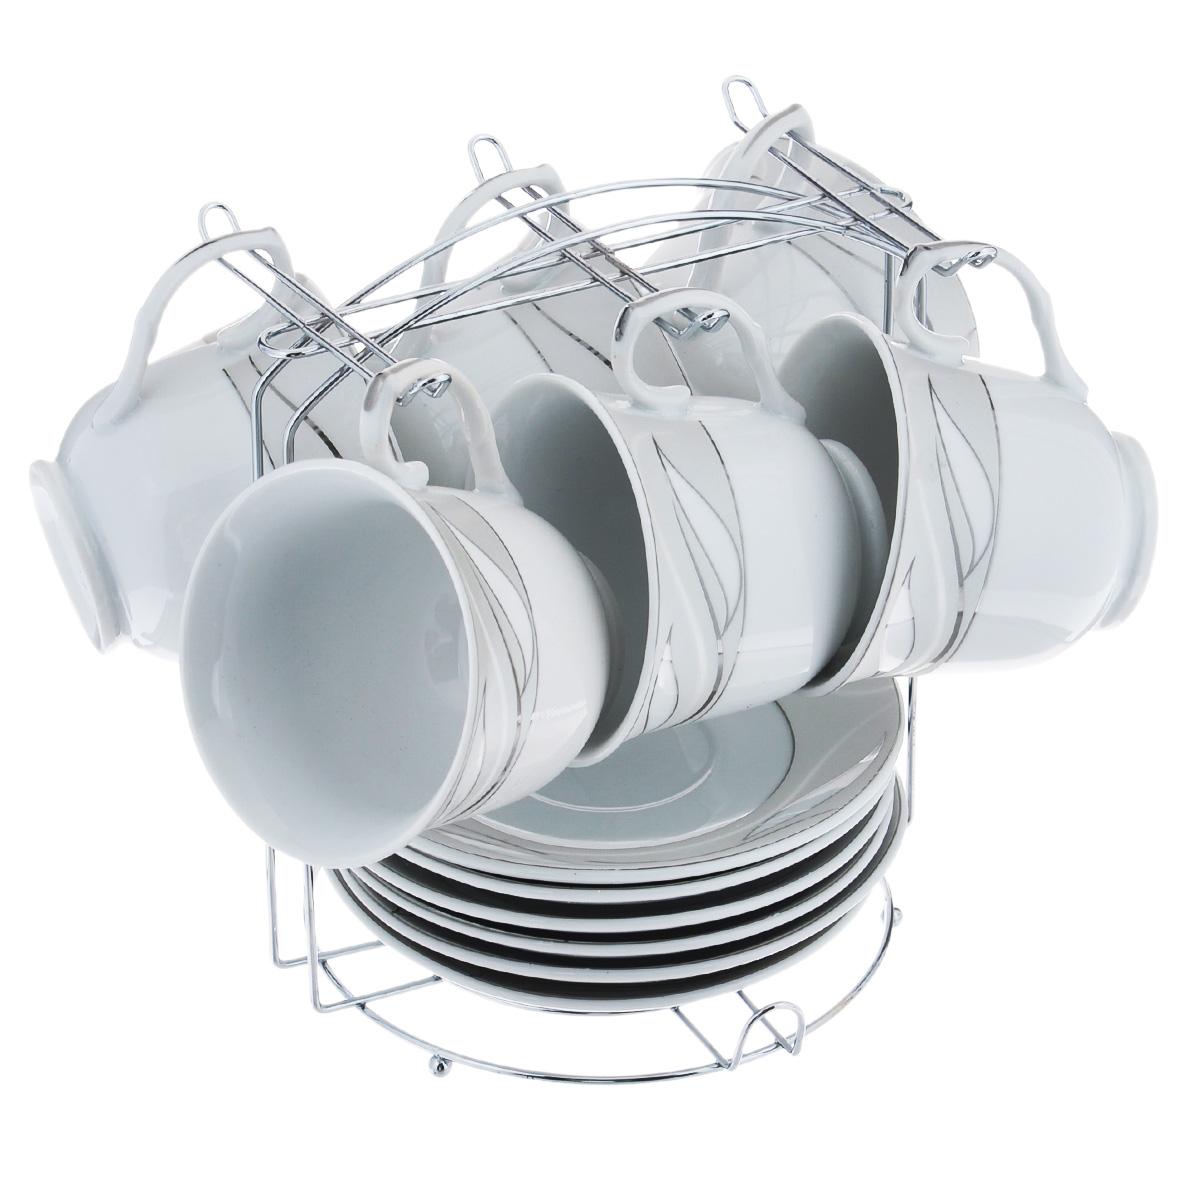 Набор чайный Bekker, 13 предметов. BK-6802BK-6802Чайный набор Bekker состоит из 6 чашек, 6 блюдец и металлической подставки. Изделия выполнены из высококачественного фарфора белого цвета, украшенного изящными цветочными узорами серебристой эмалью. Для предметов набора предусмотрена специальная металлическая подставка с крючками для чашек и подставкой для блюдец. Изящный чайный набор прекрасно оформит стол к чаепитию и станет замечательным подарком для любой хозяйки. Можно мыть в посудомоечной машине.